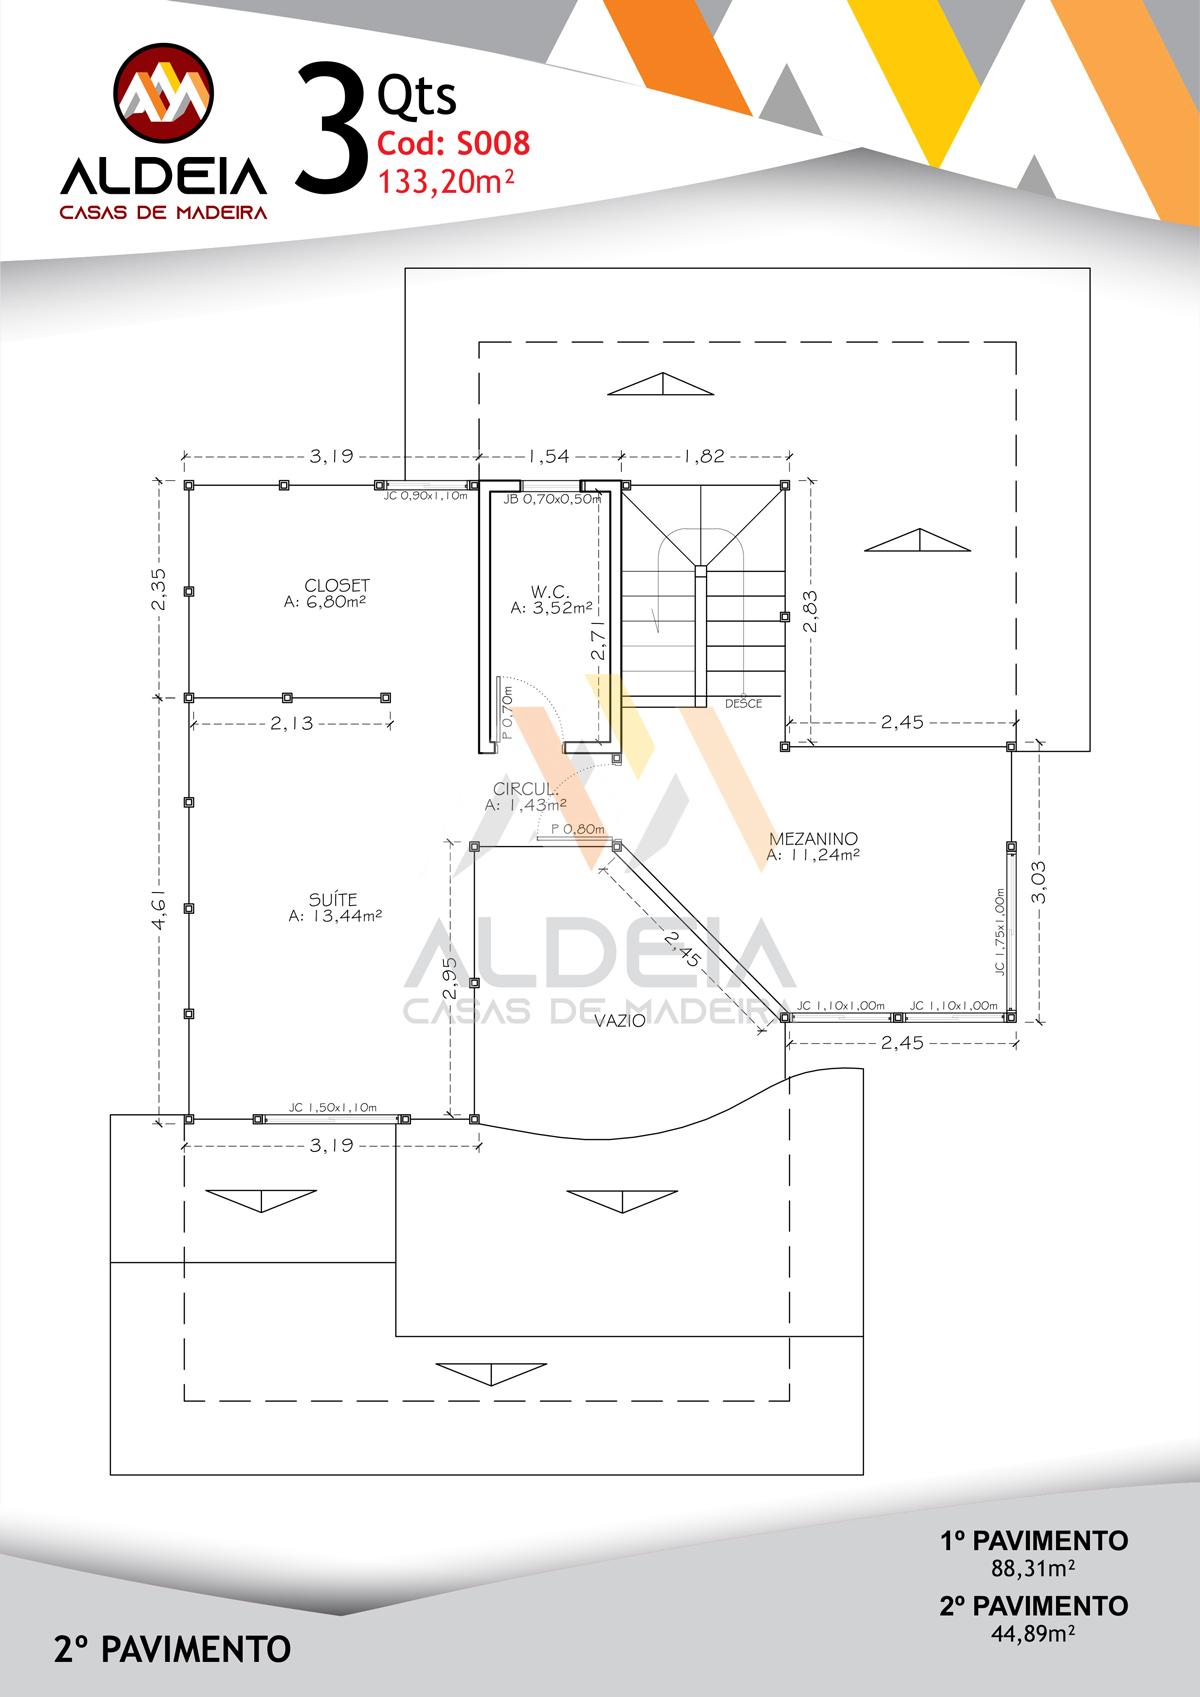 aldeia-casas-madeira-arquitetura-S008-2